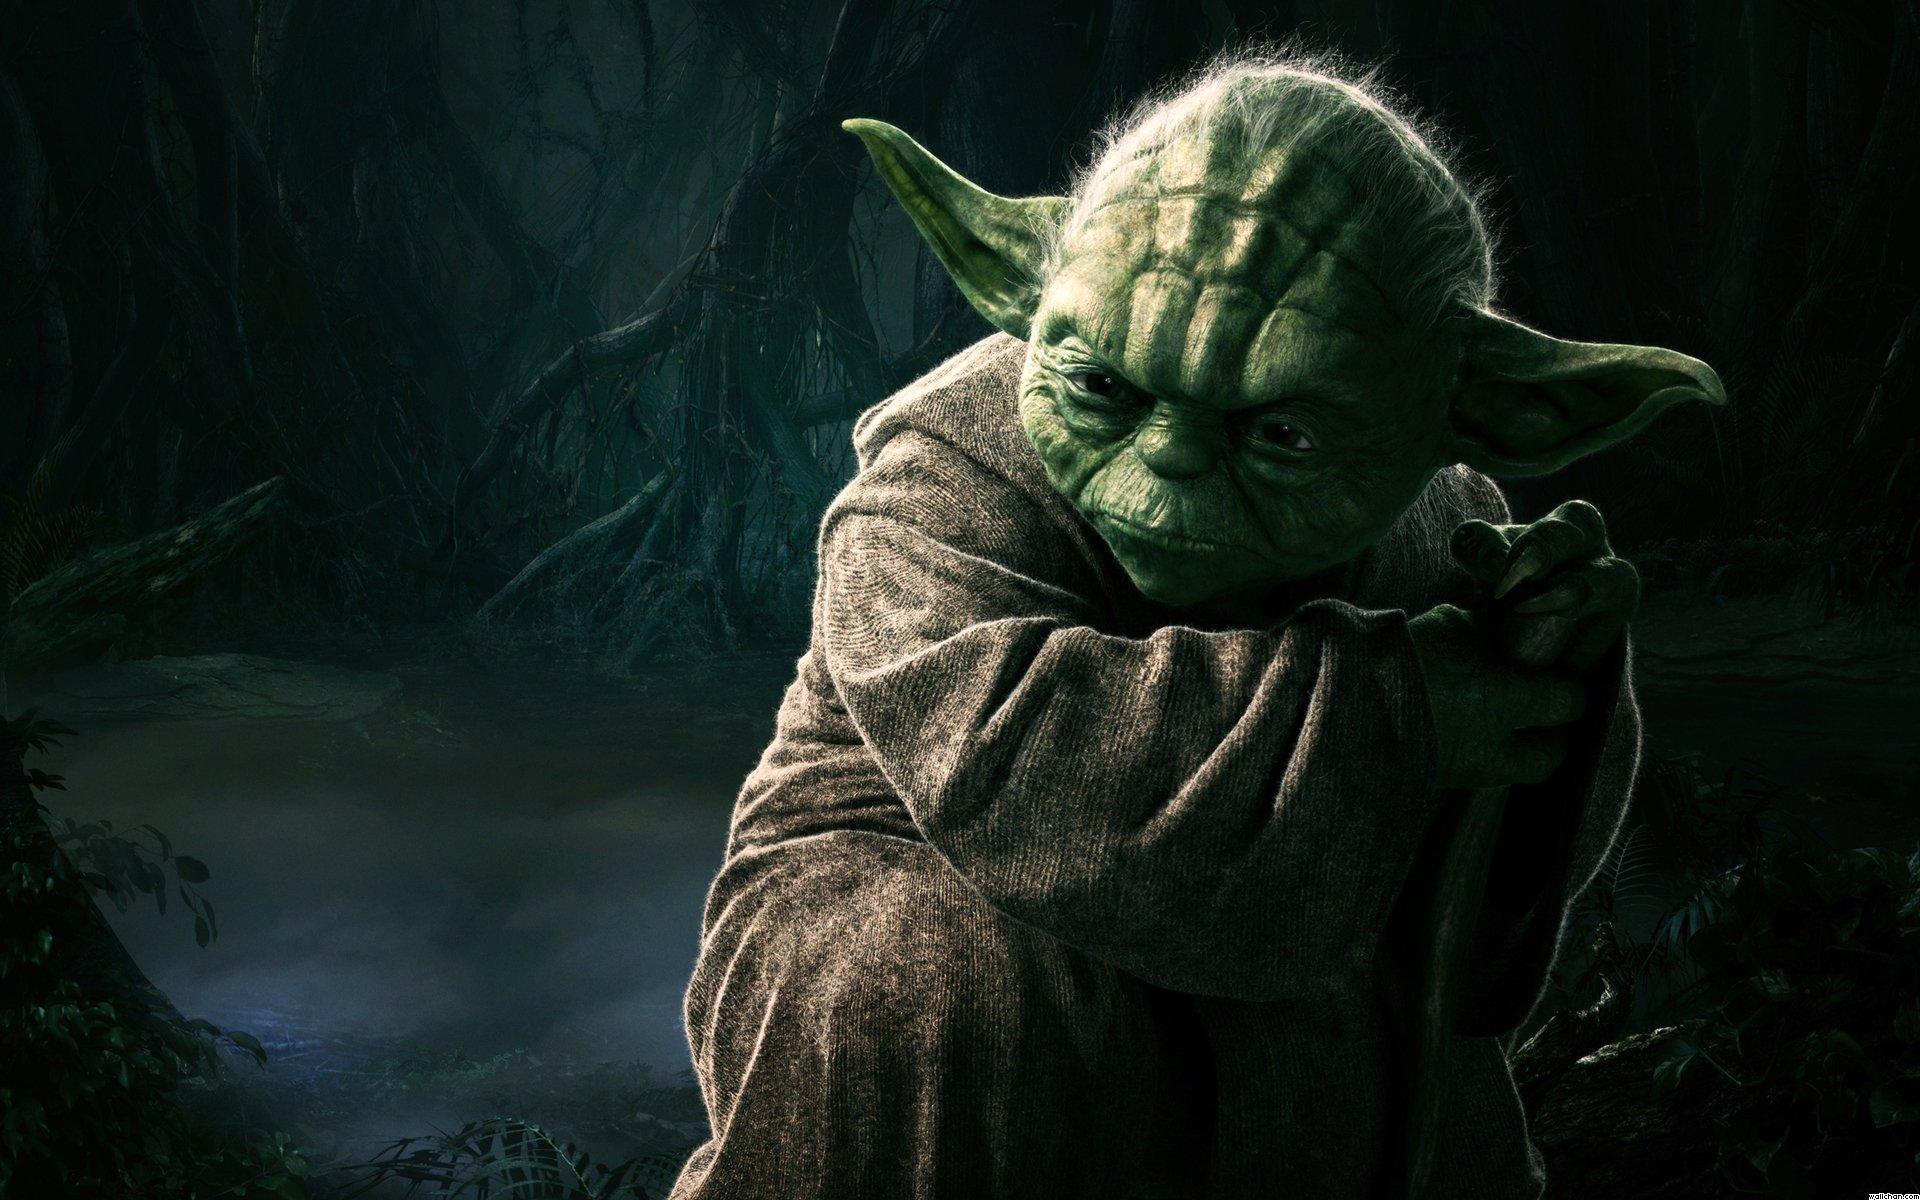 Sci Fi - Star Wars  Yoda Wallpaper